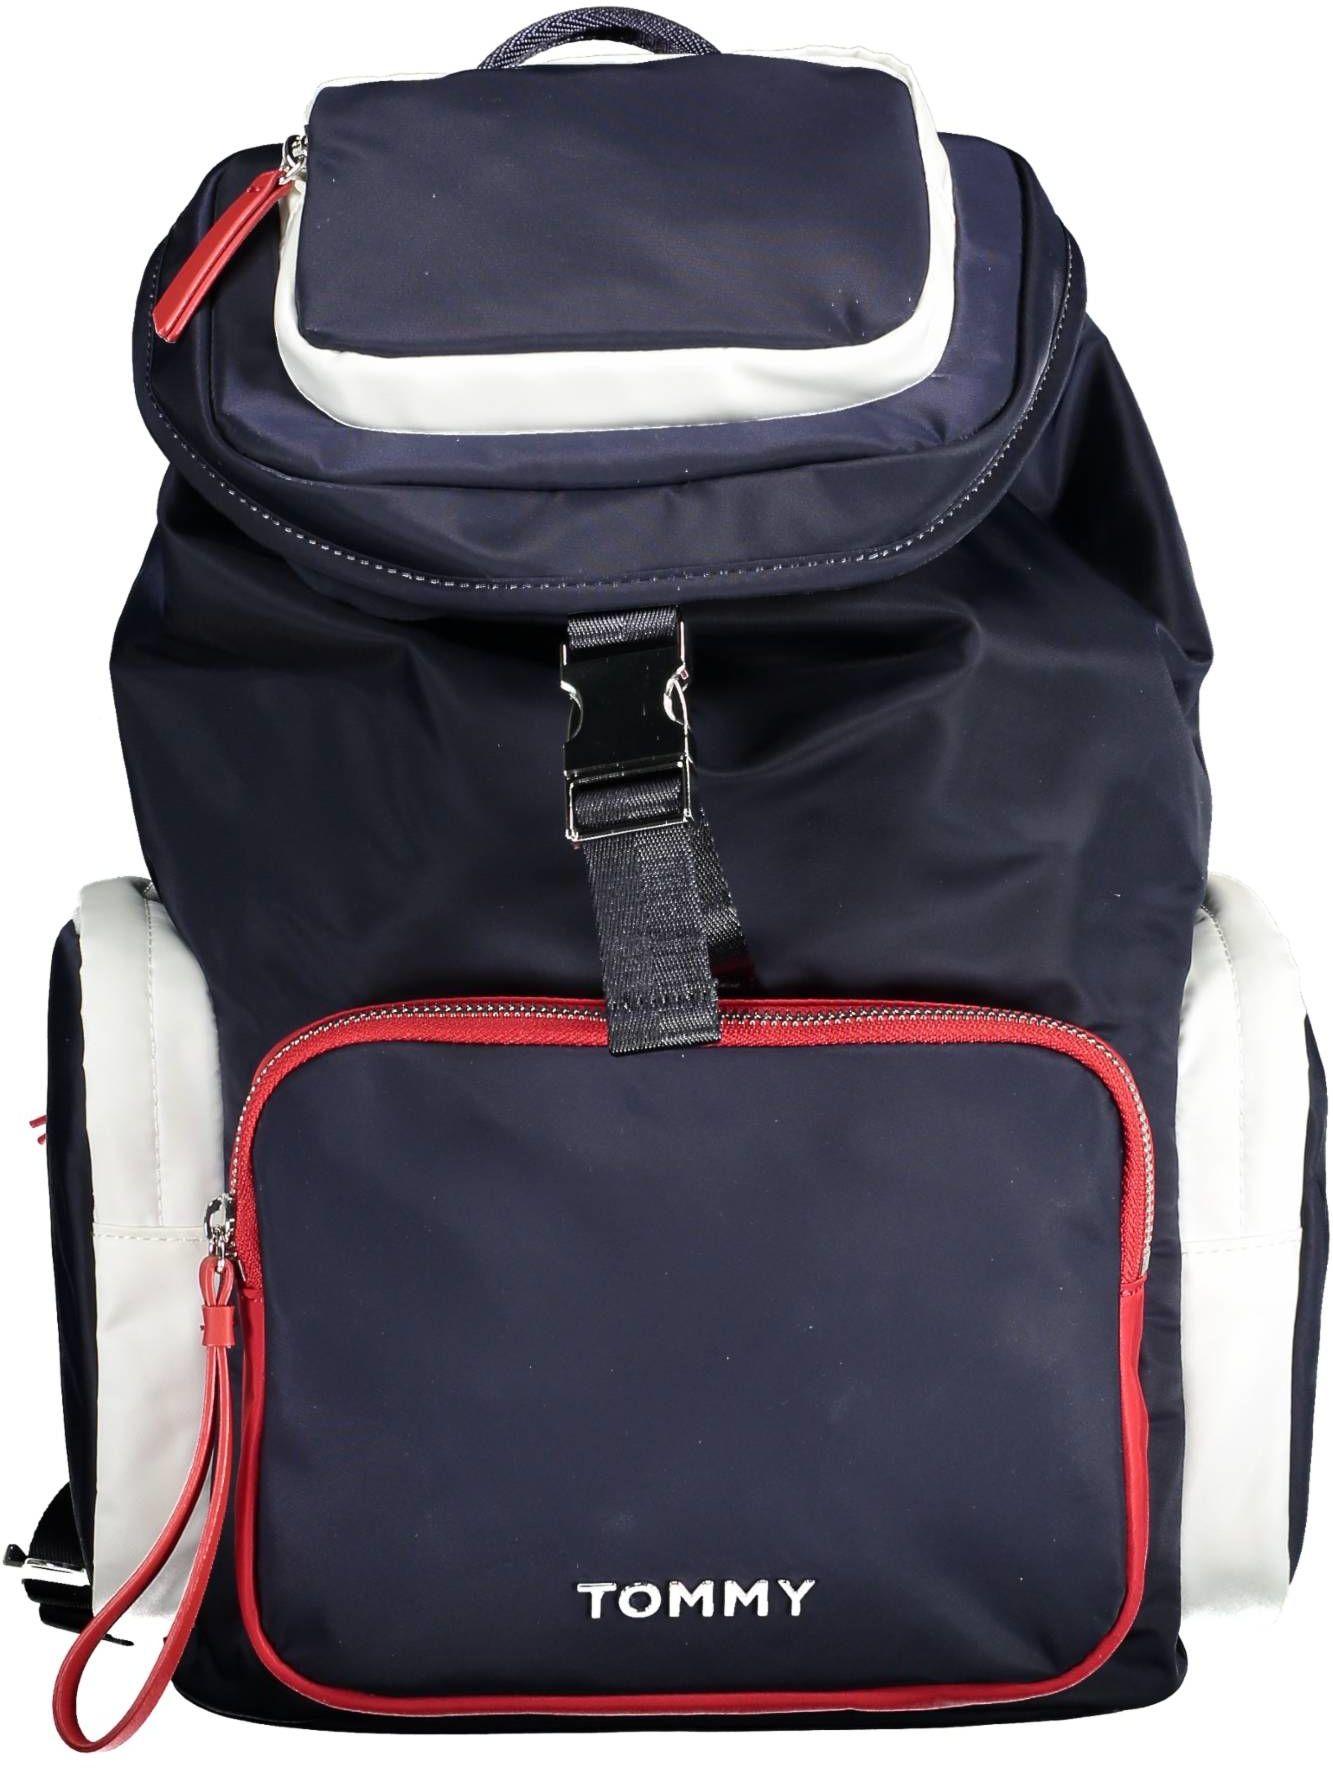 Plecak TOMMY HILFIGER dla kobiet